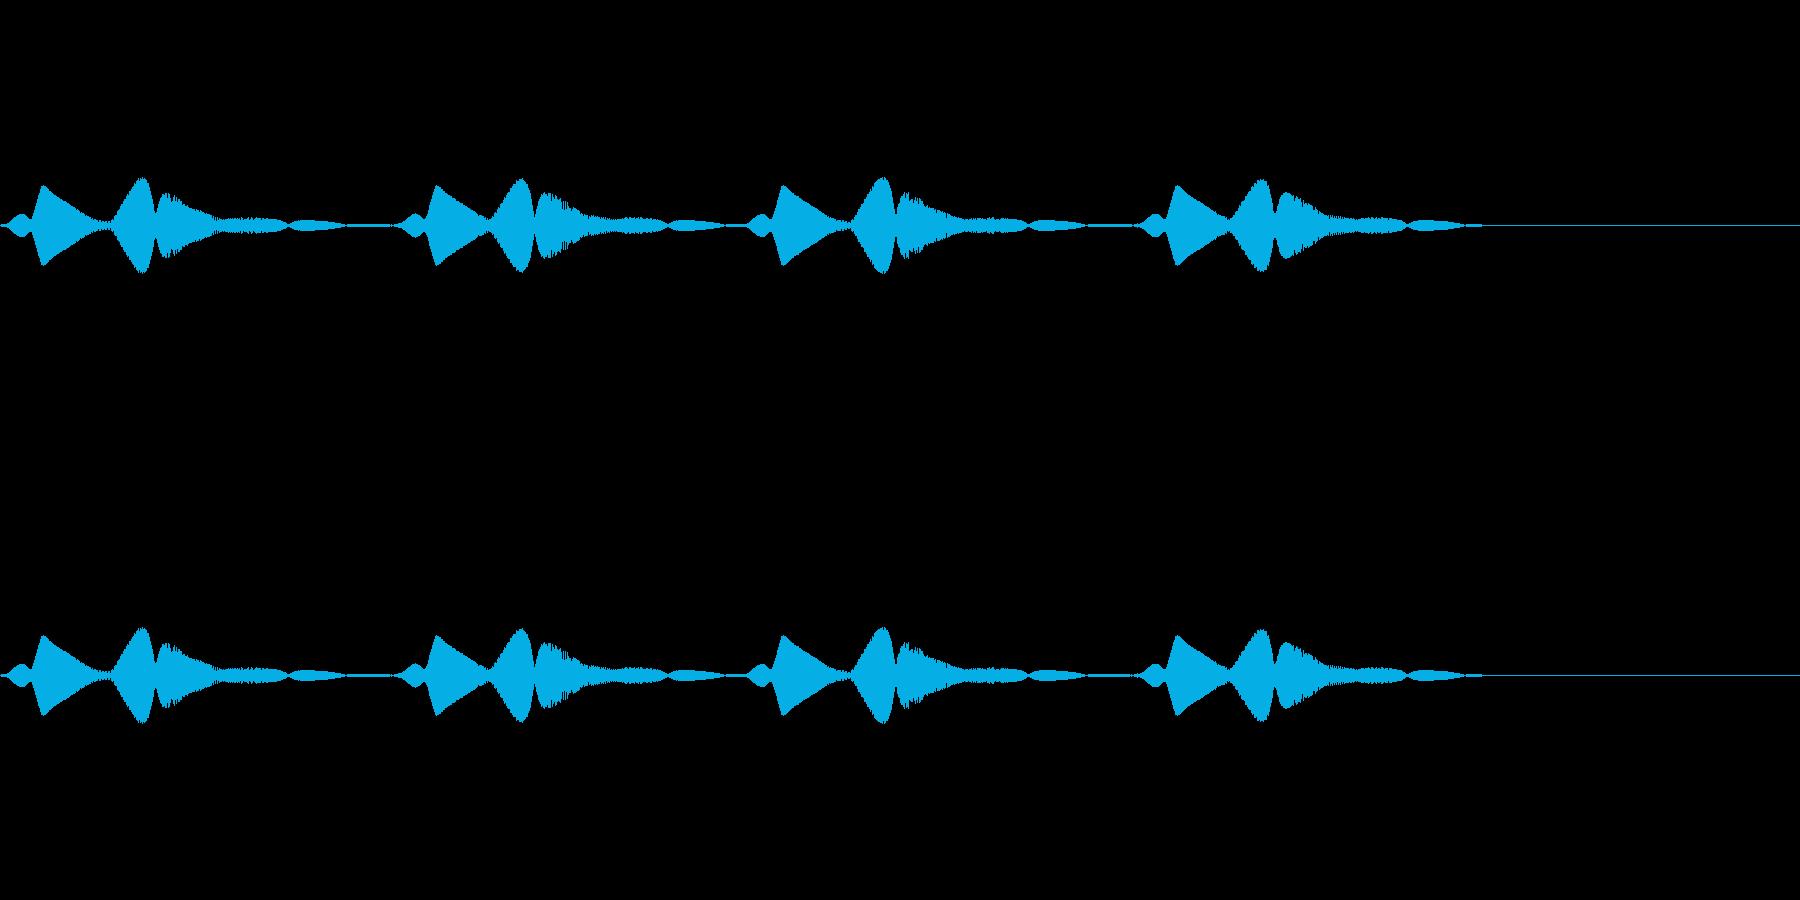 小動物が跳ねながら移動するコミカルな音の再生済みの波形